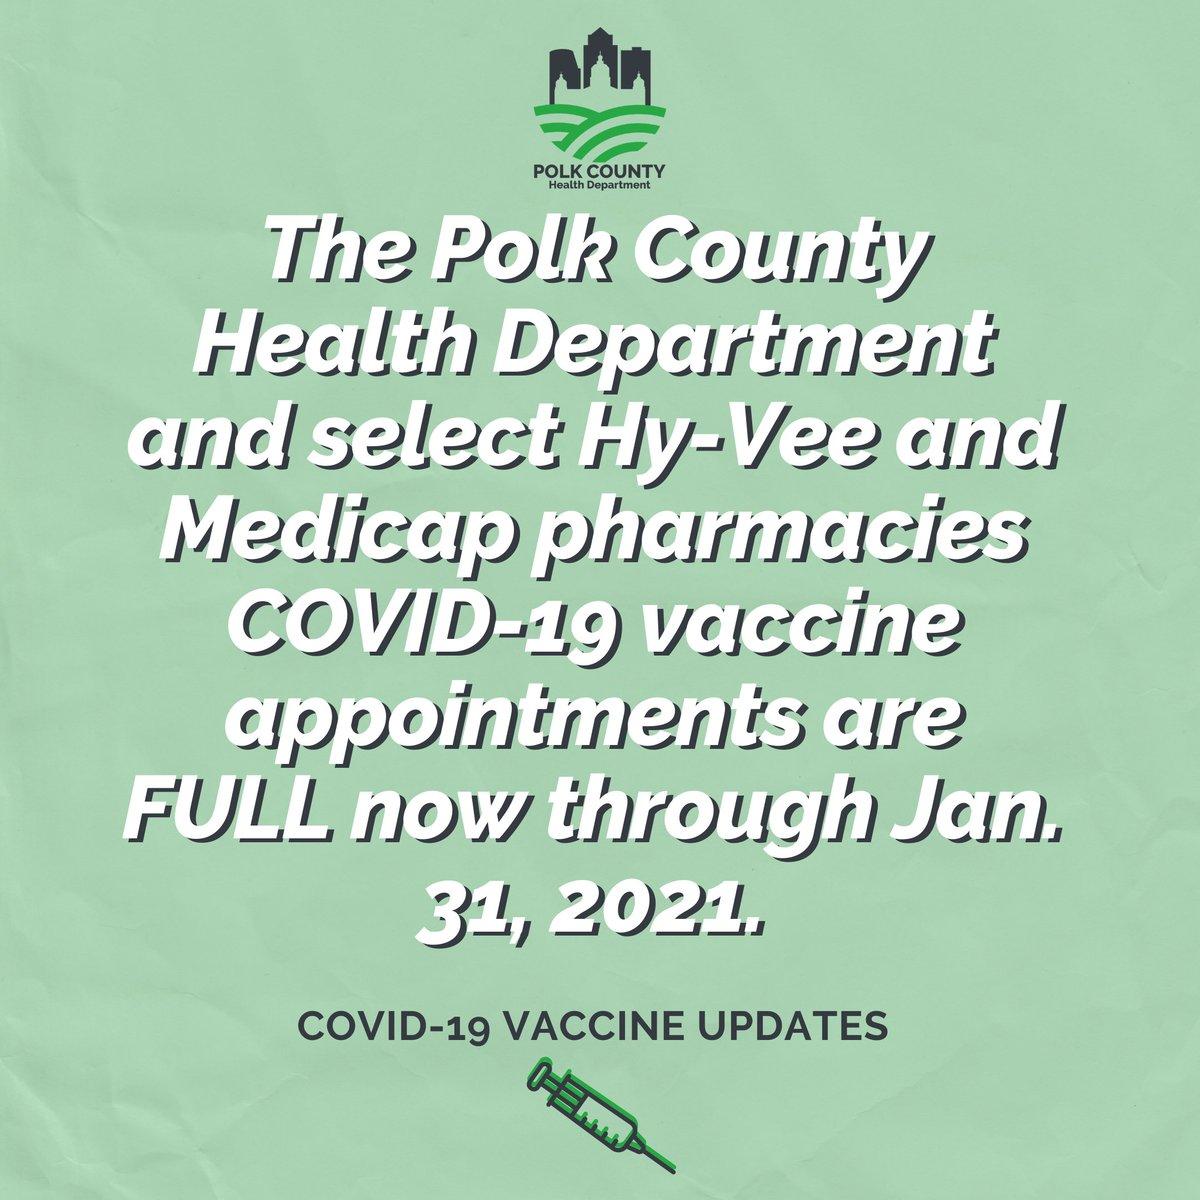 Polk County Health